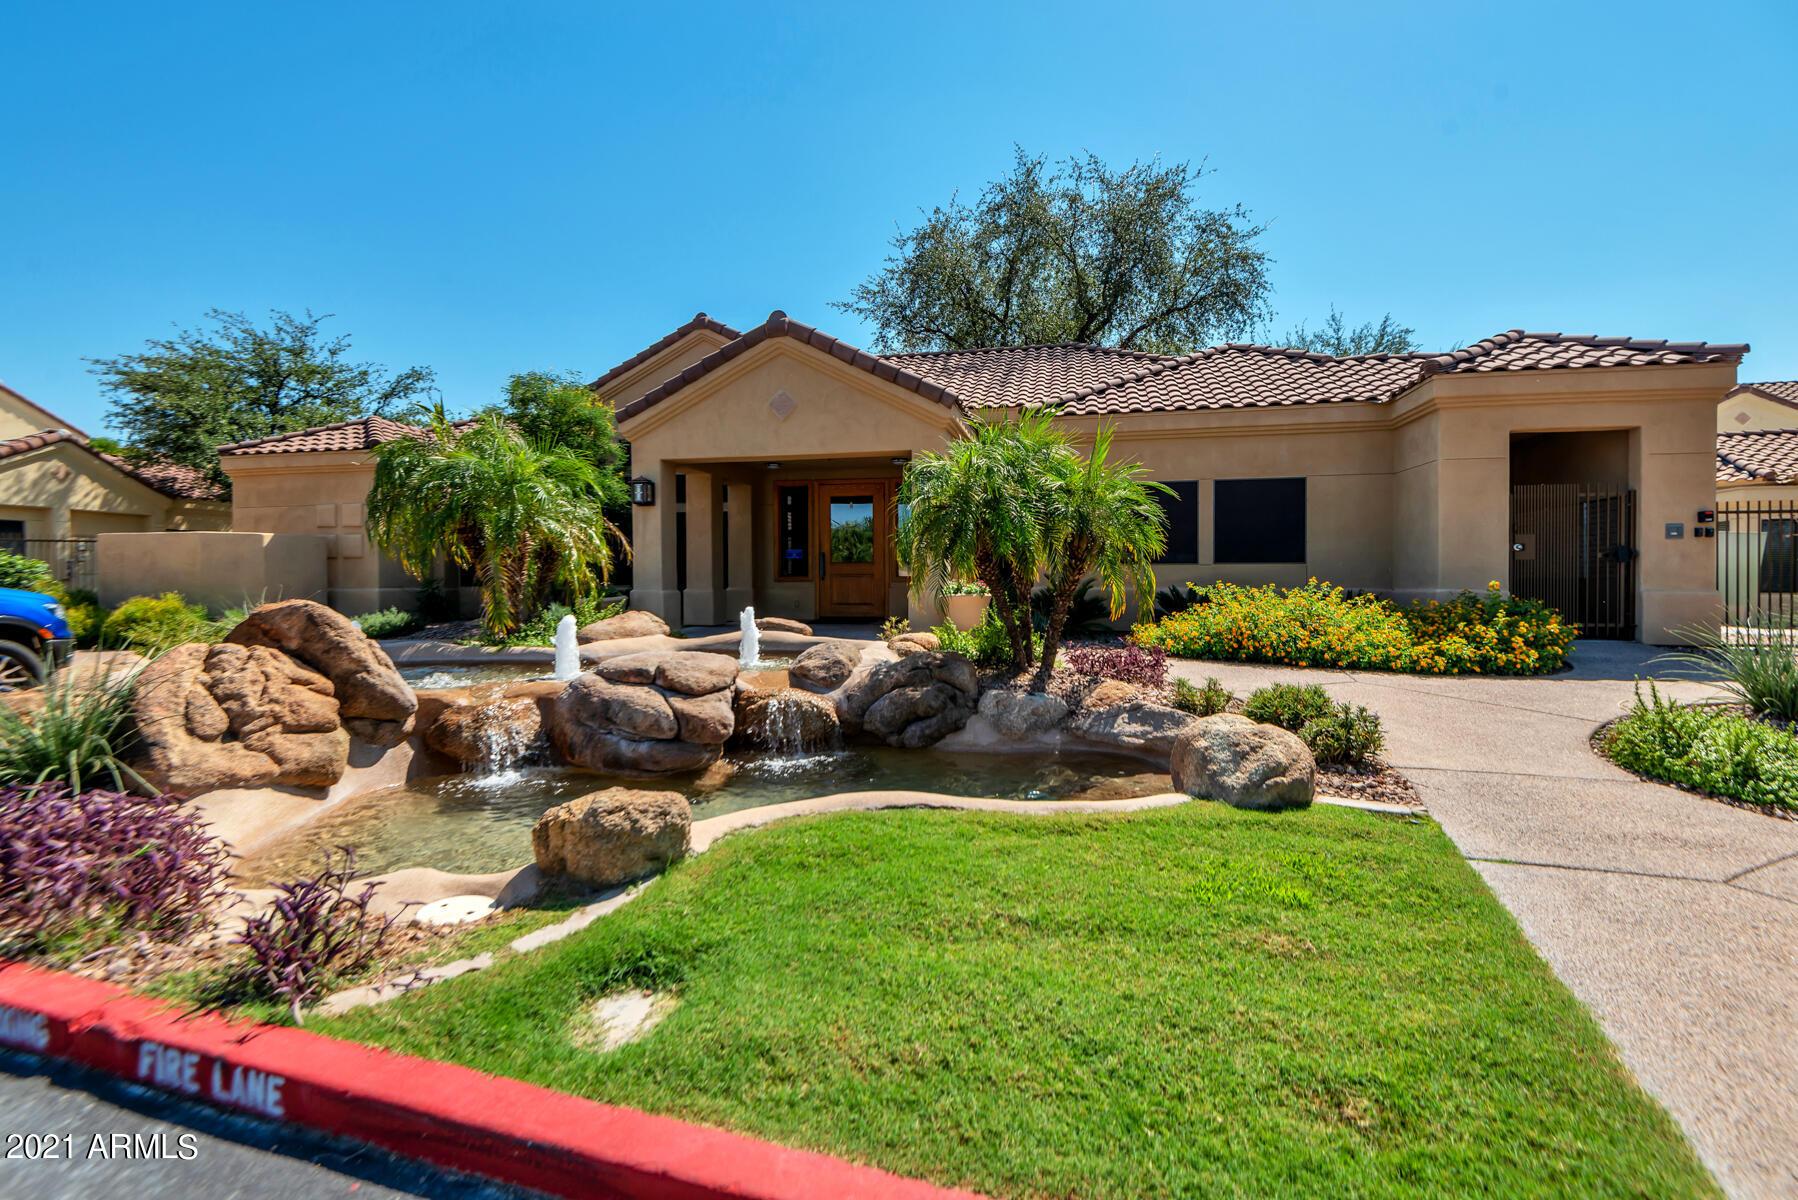 7575 Indian Bend Road, Unit 2044, Scottsdale AZ 85250